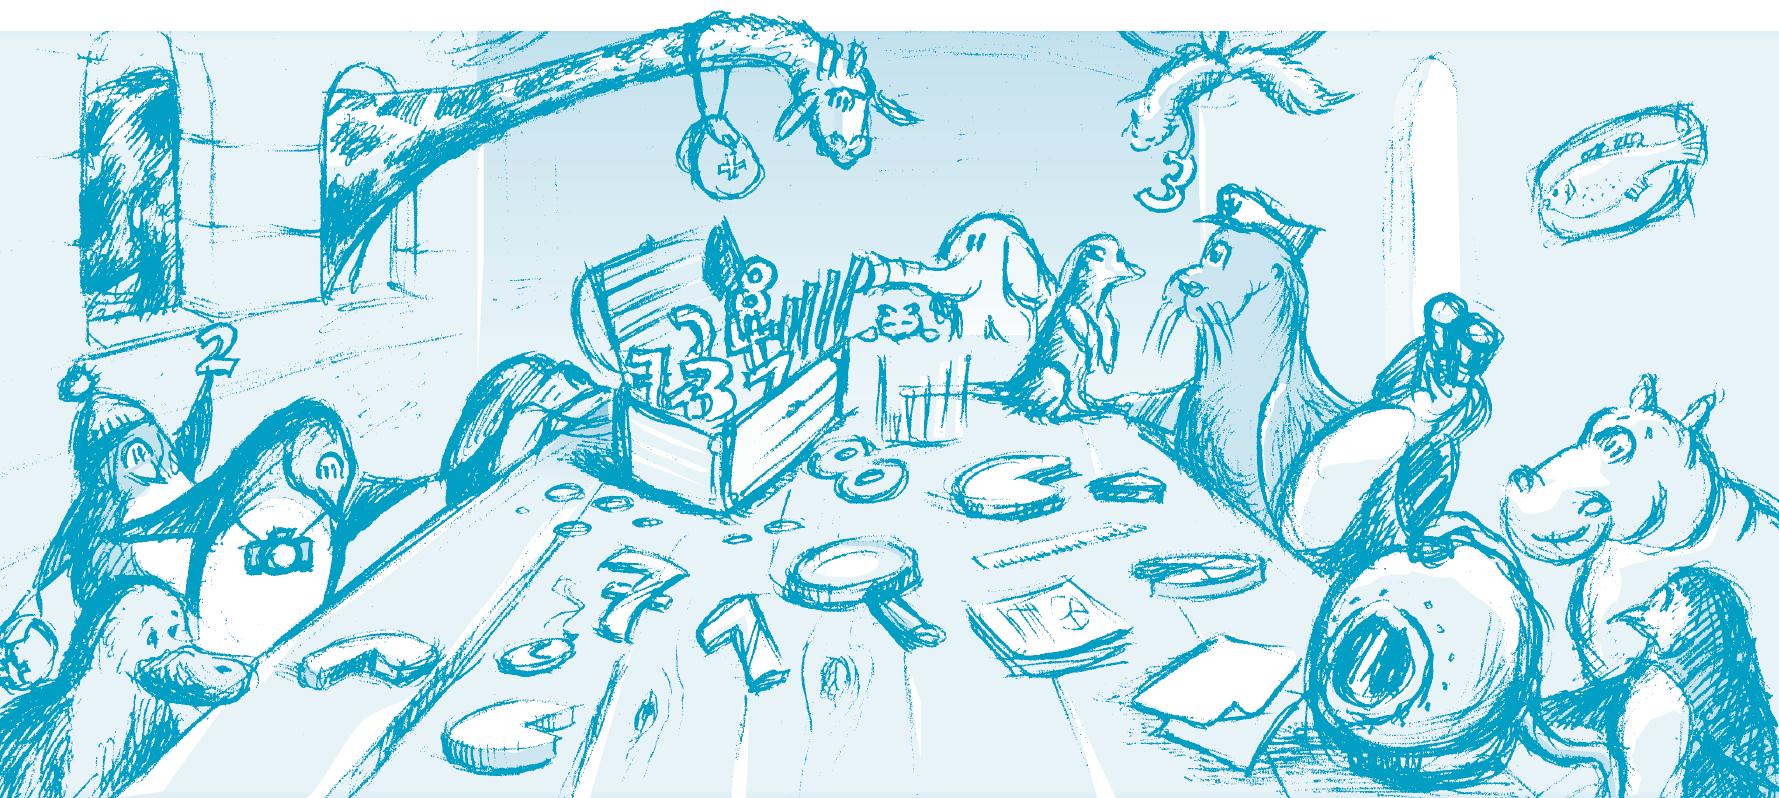 Illustration von Tieren rund um einen Tisch zur Veranschaulichung gemeisnamer Auswertung von Daten